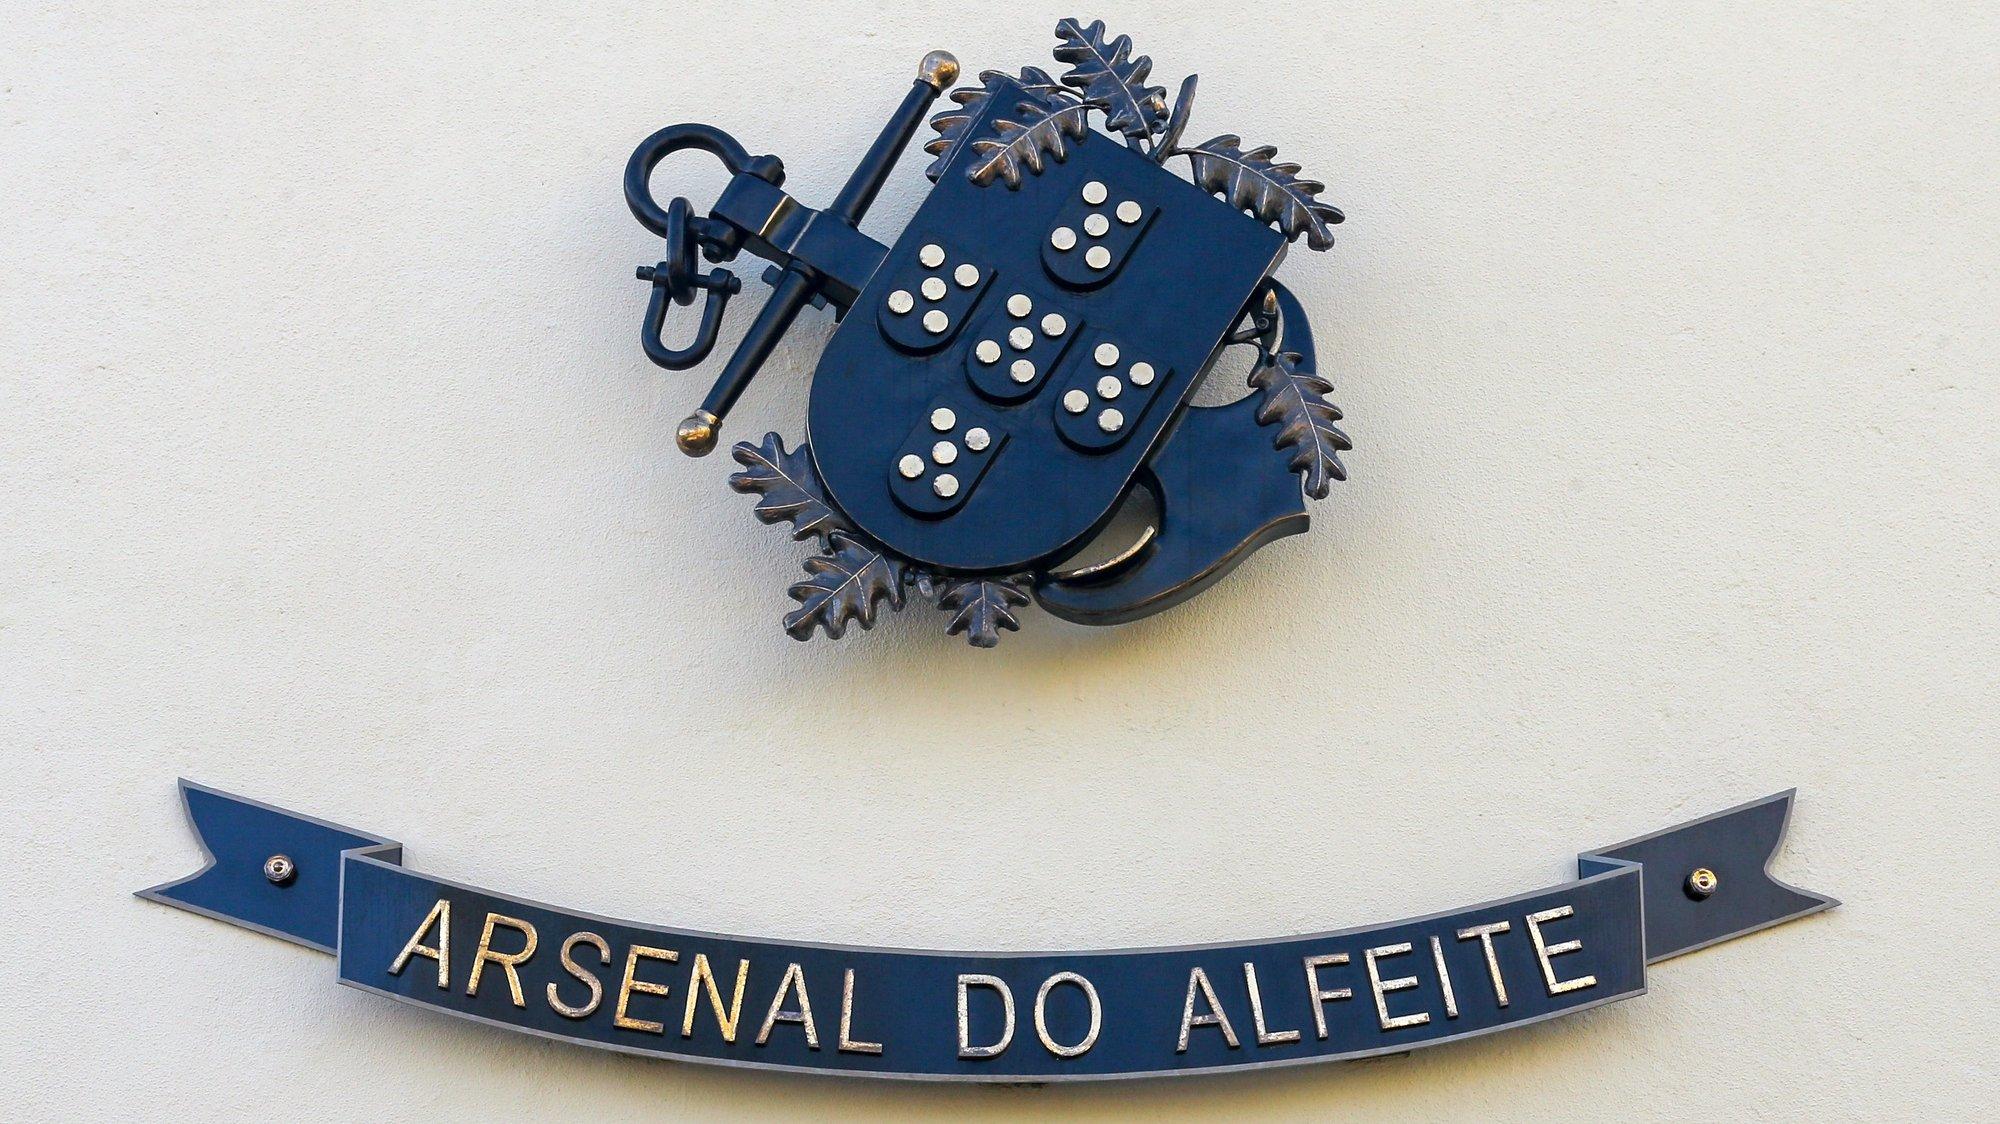 Logotipo do Arsenal do Alfeite, Almada, 24 de junho de 2019. ANTÓNIO COTRIM/LUSA